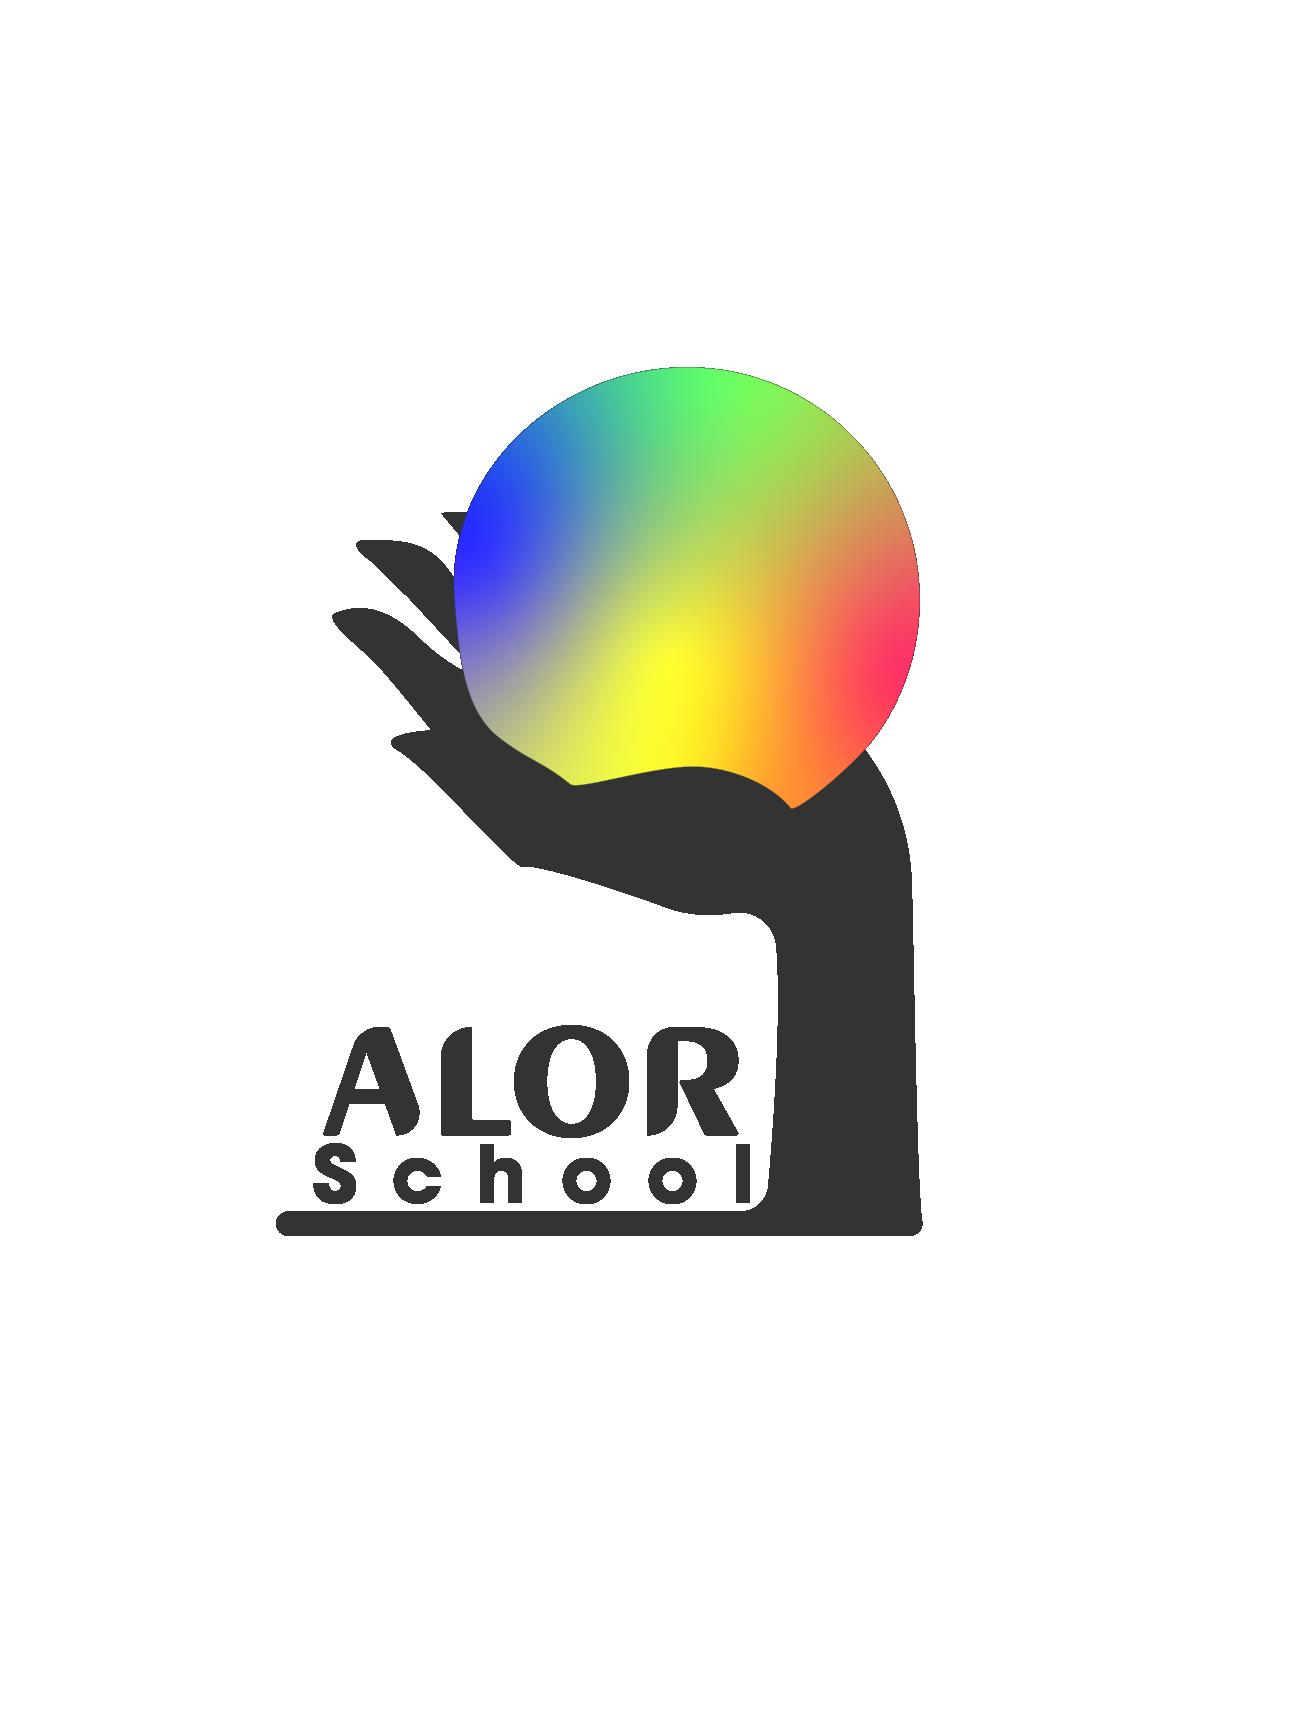 AlorSchool